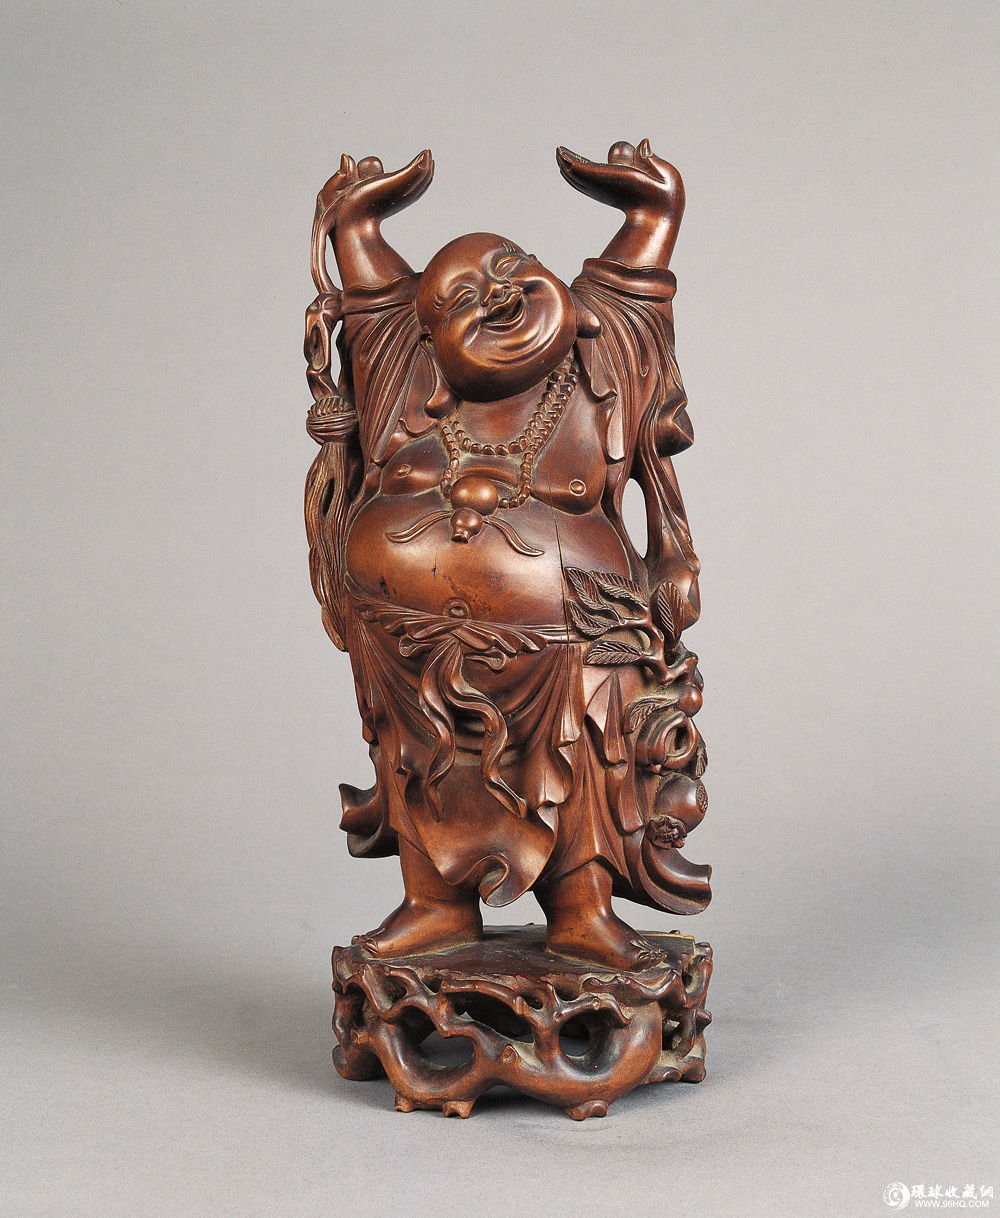 图片:木雕